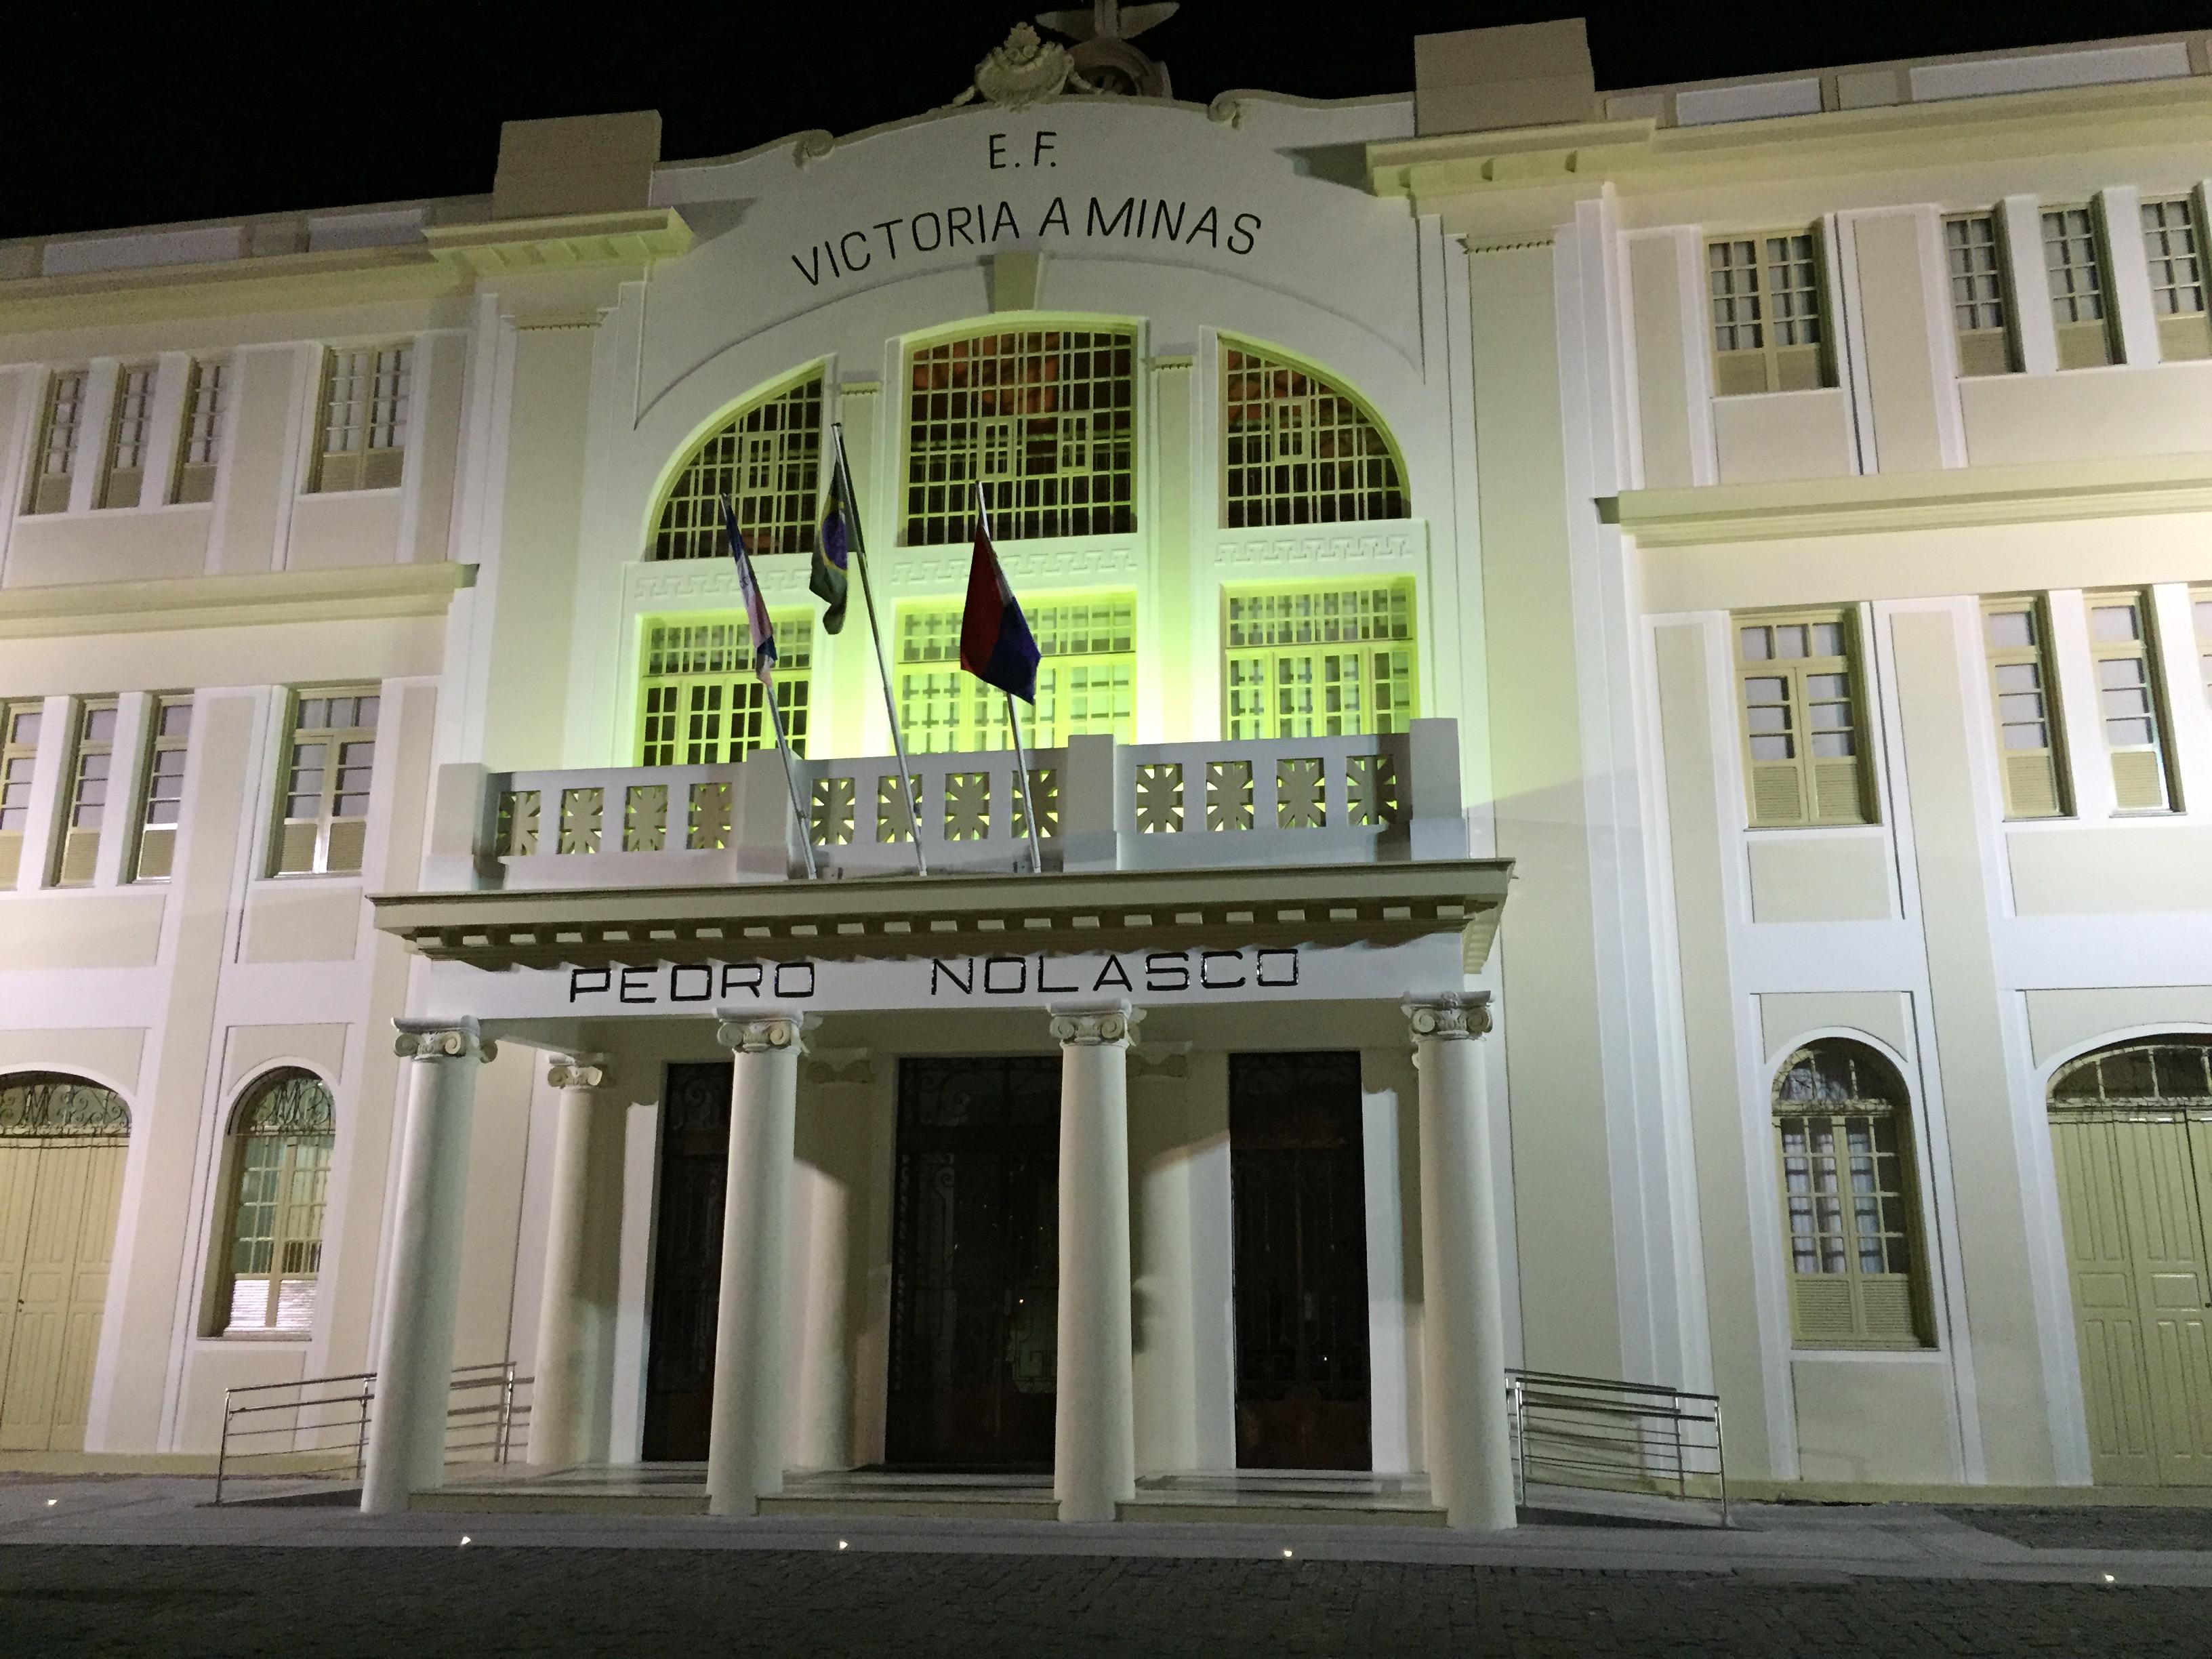 Museu Ferroviário Vale do Rio Doce